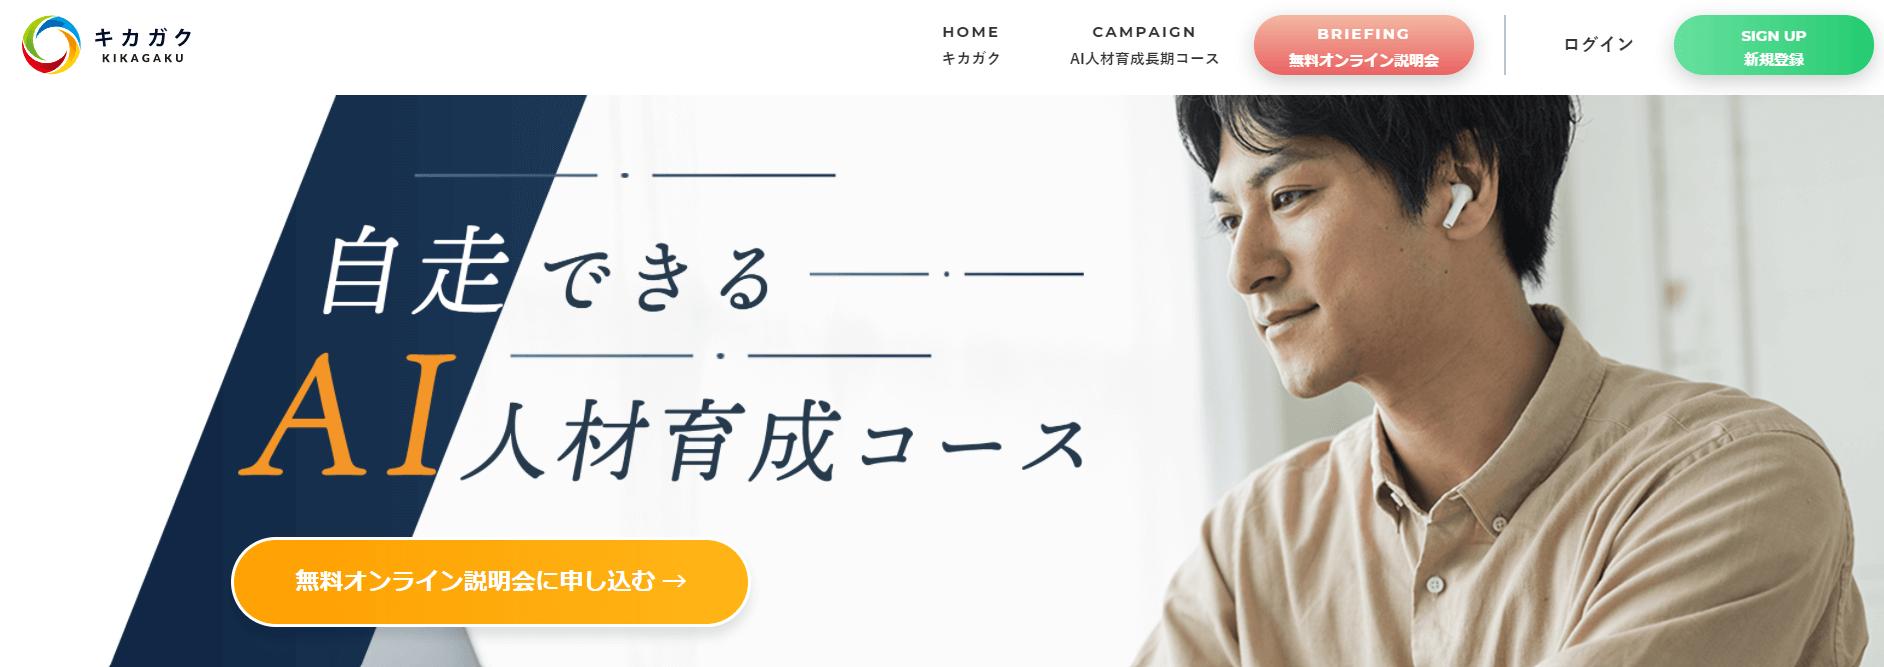 プログラミングスクール_おすすめ_キカガク